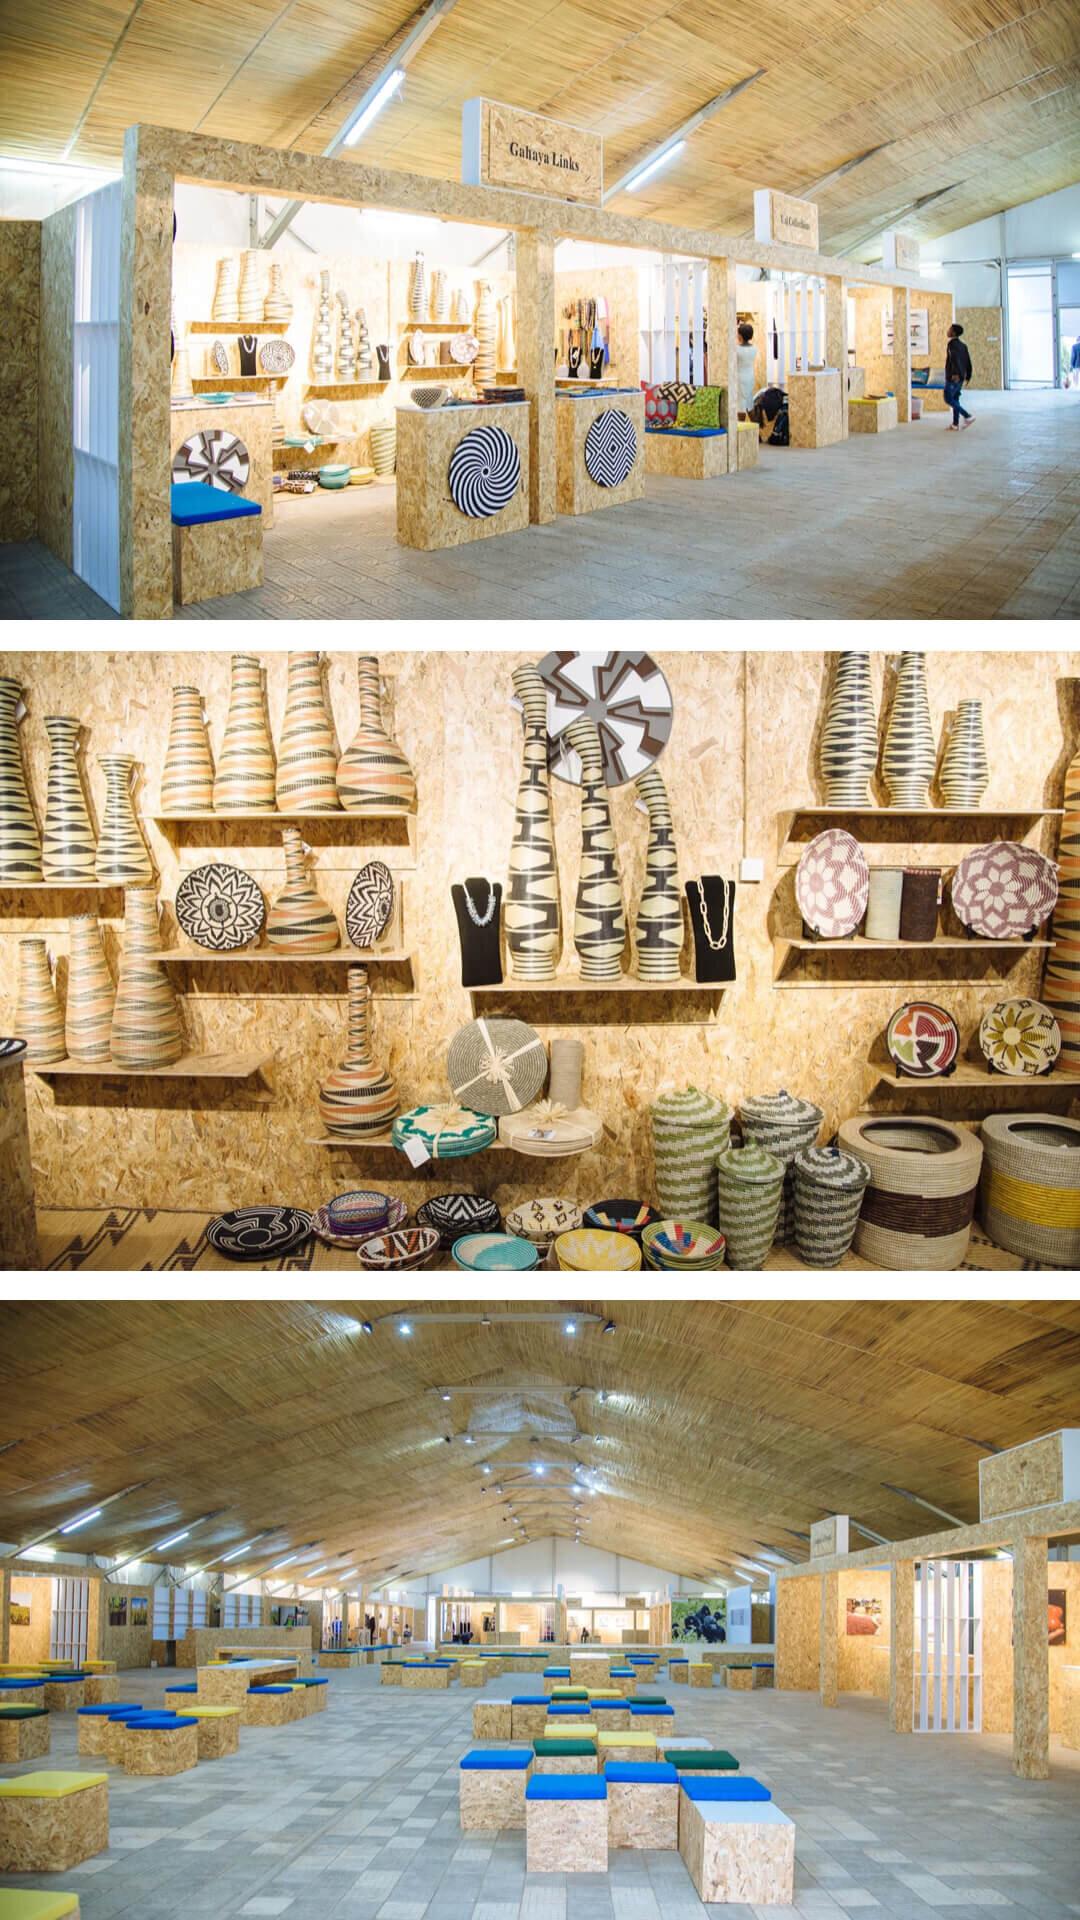 23.admire traditional Rwandan crafts at Kigali Cultural Village